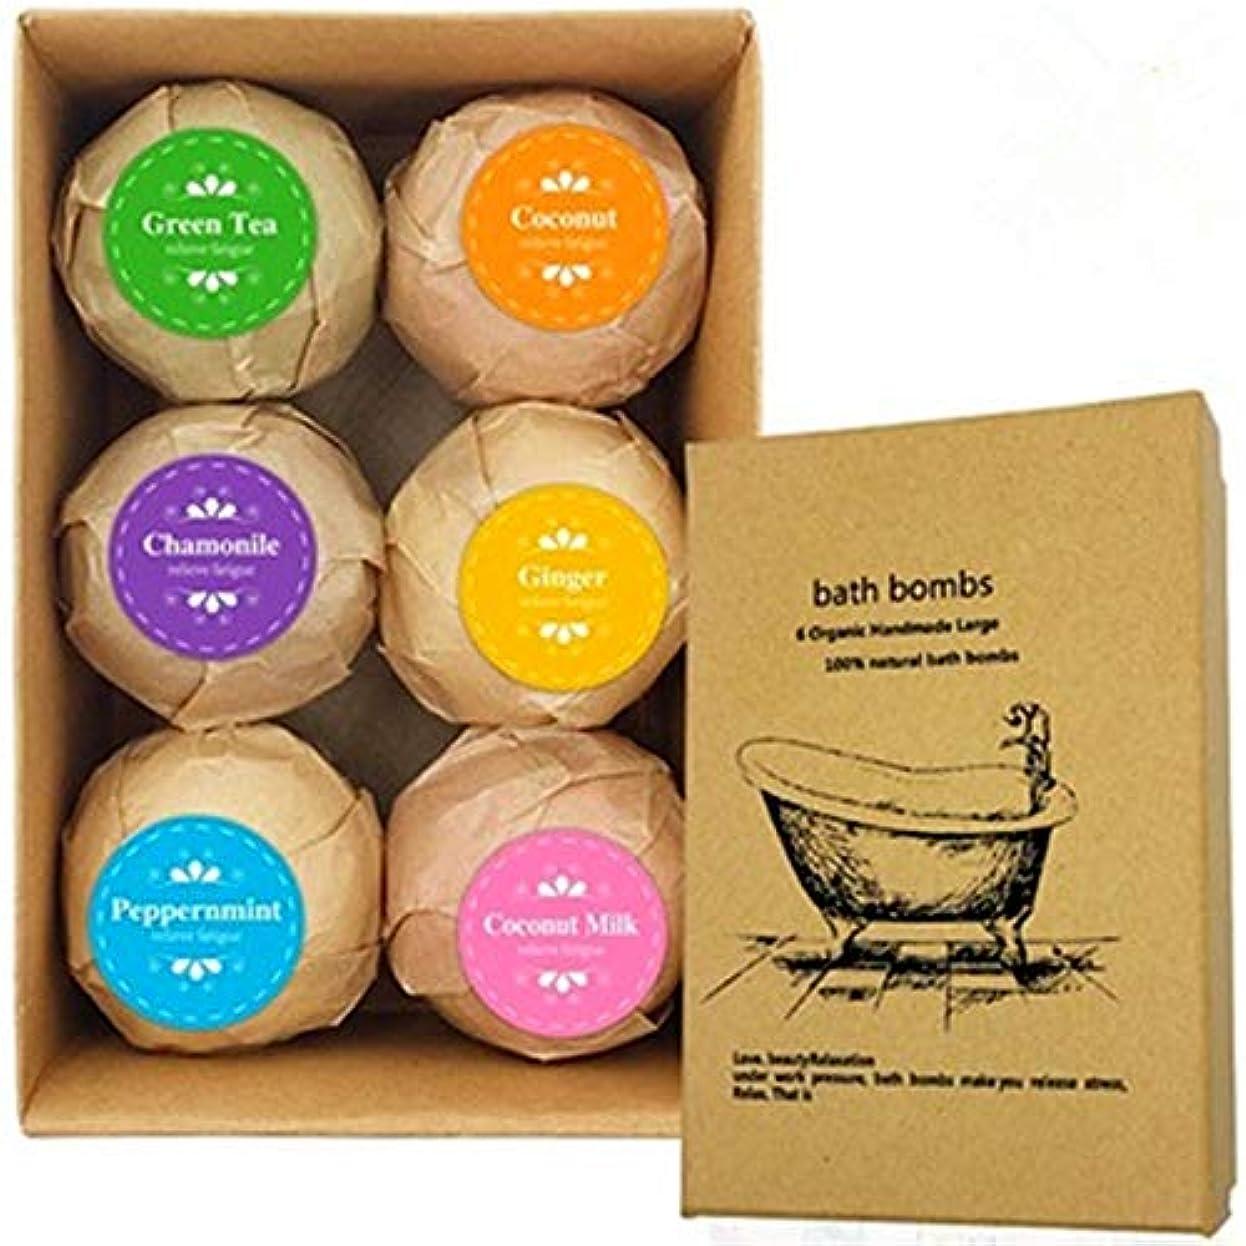 バスボム 入浴剤 炭酸 バスボール 6つの香り 手作り 入浴料 うるおいプラス お風呂用 入浴剤 ギフトセット6枚 贈り物 プレゼント最適